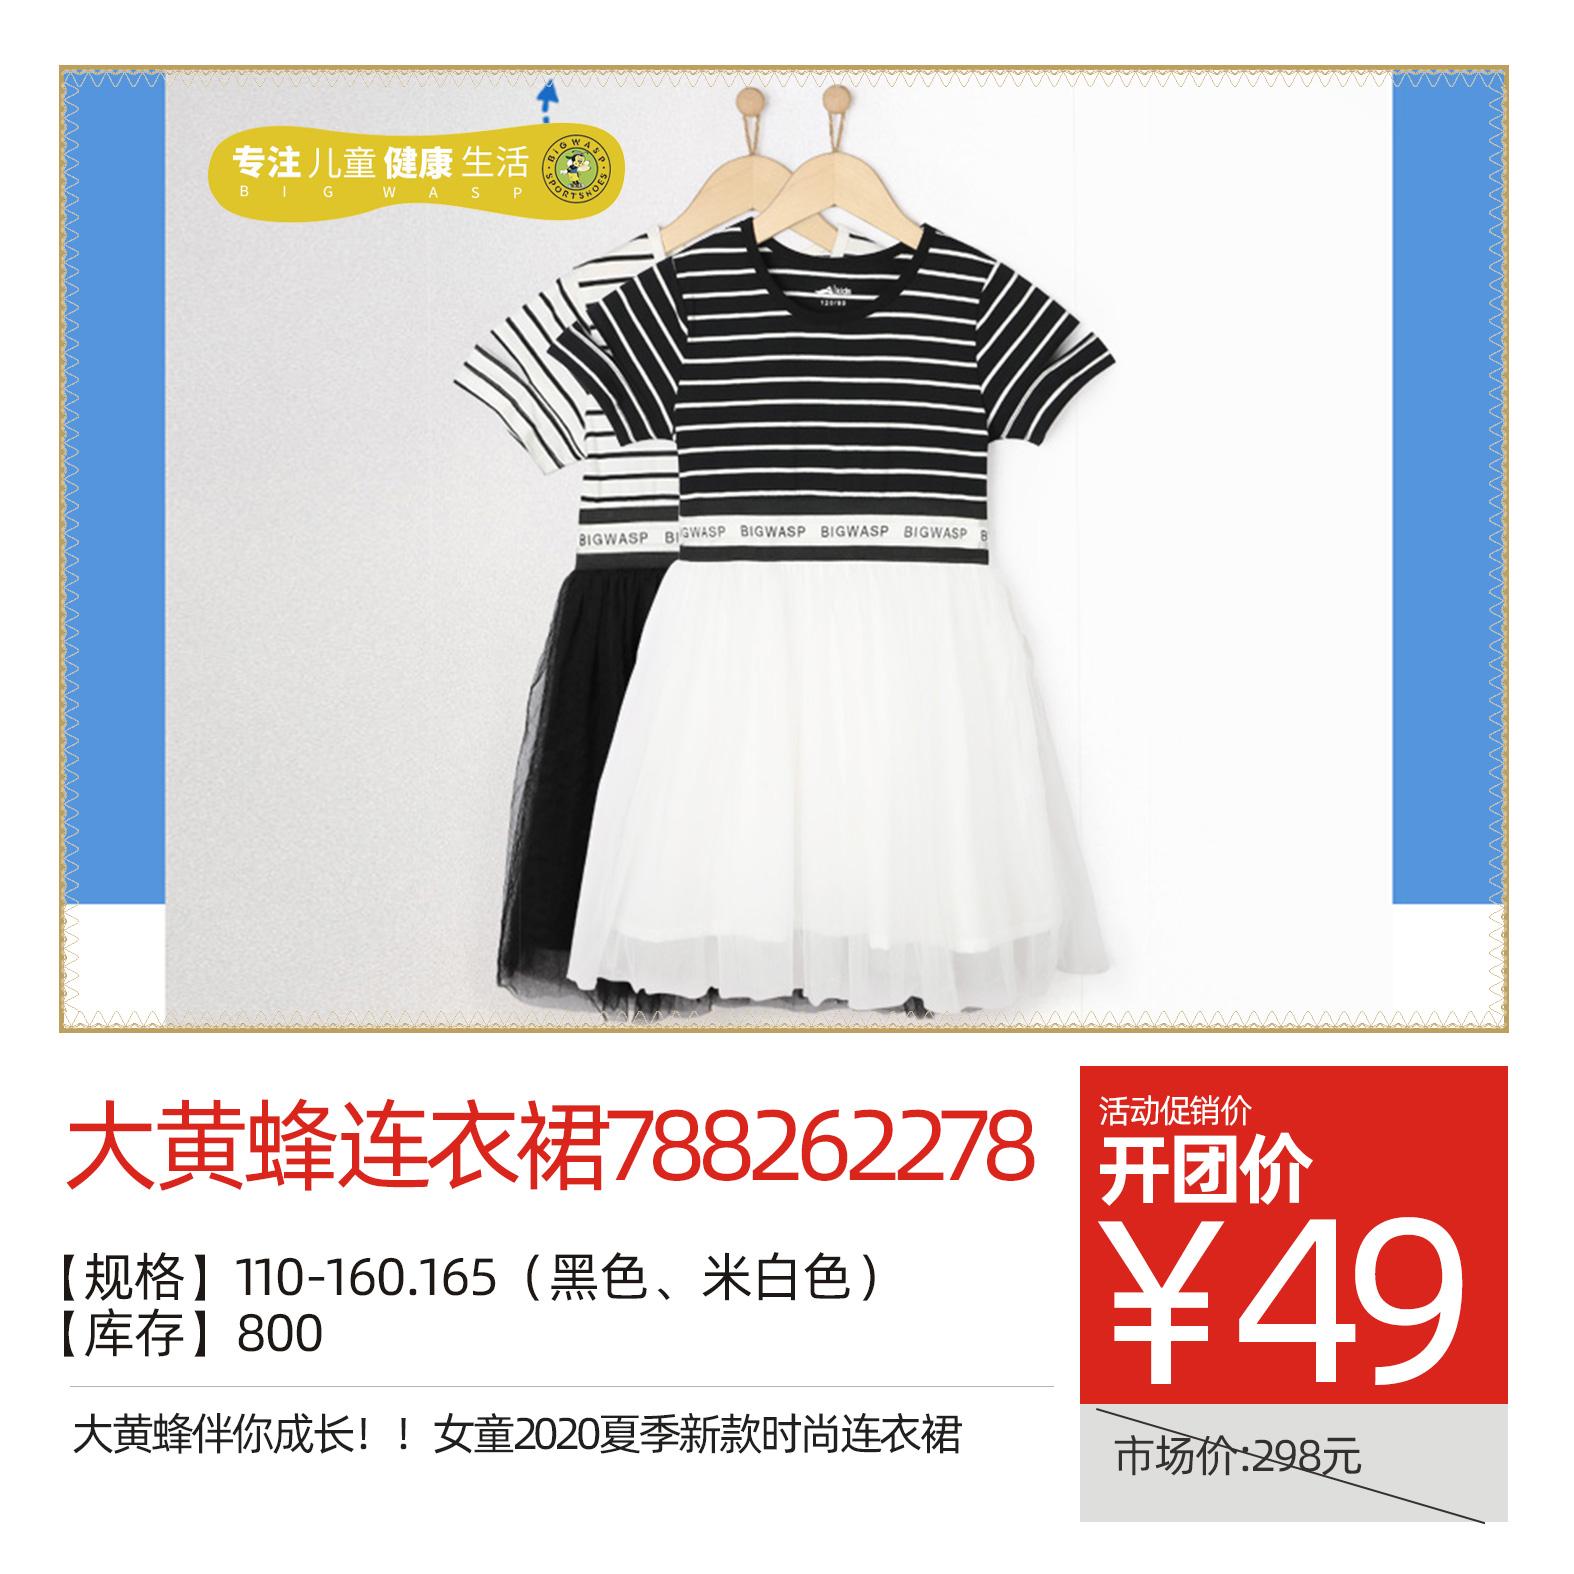 【大黄蜂】连衣裙788262278